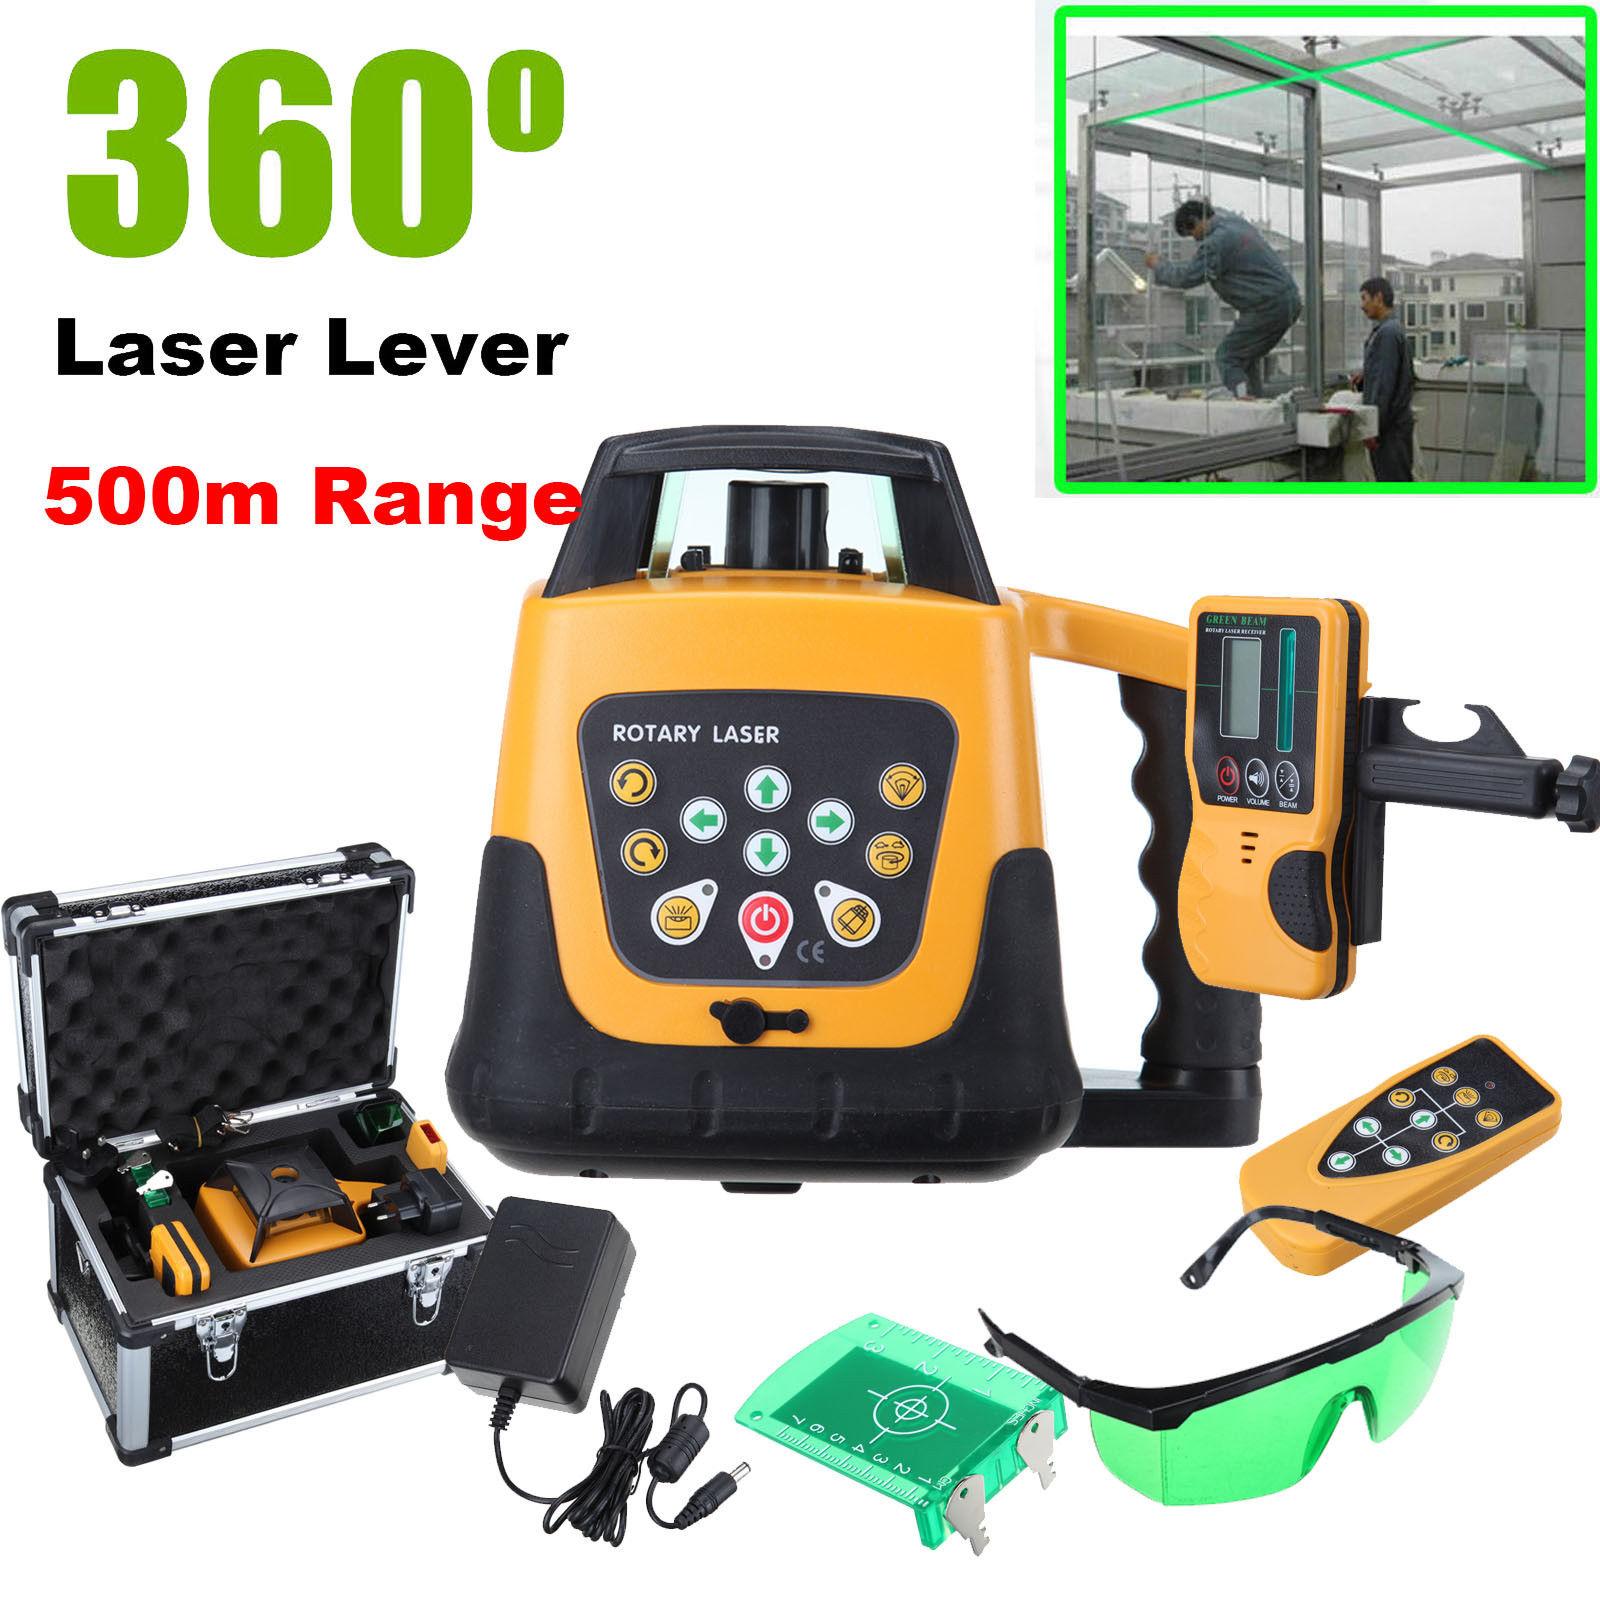 Auto-nivelamento Rotary/Rotating Nível Laser Verde Kit Com Caixa 500 m Gama